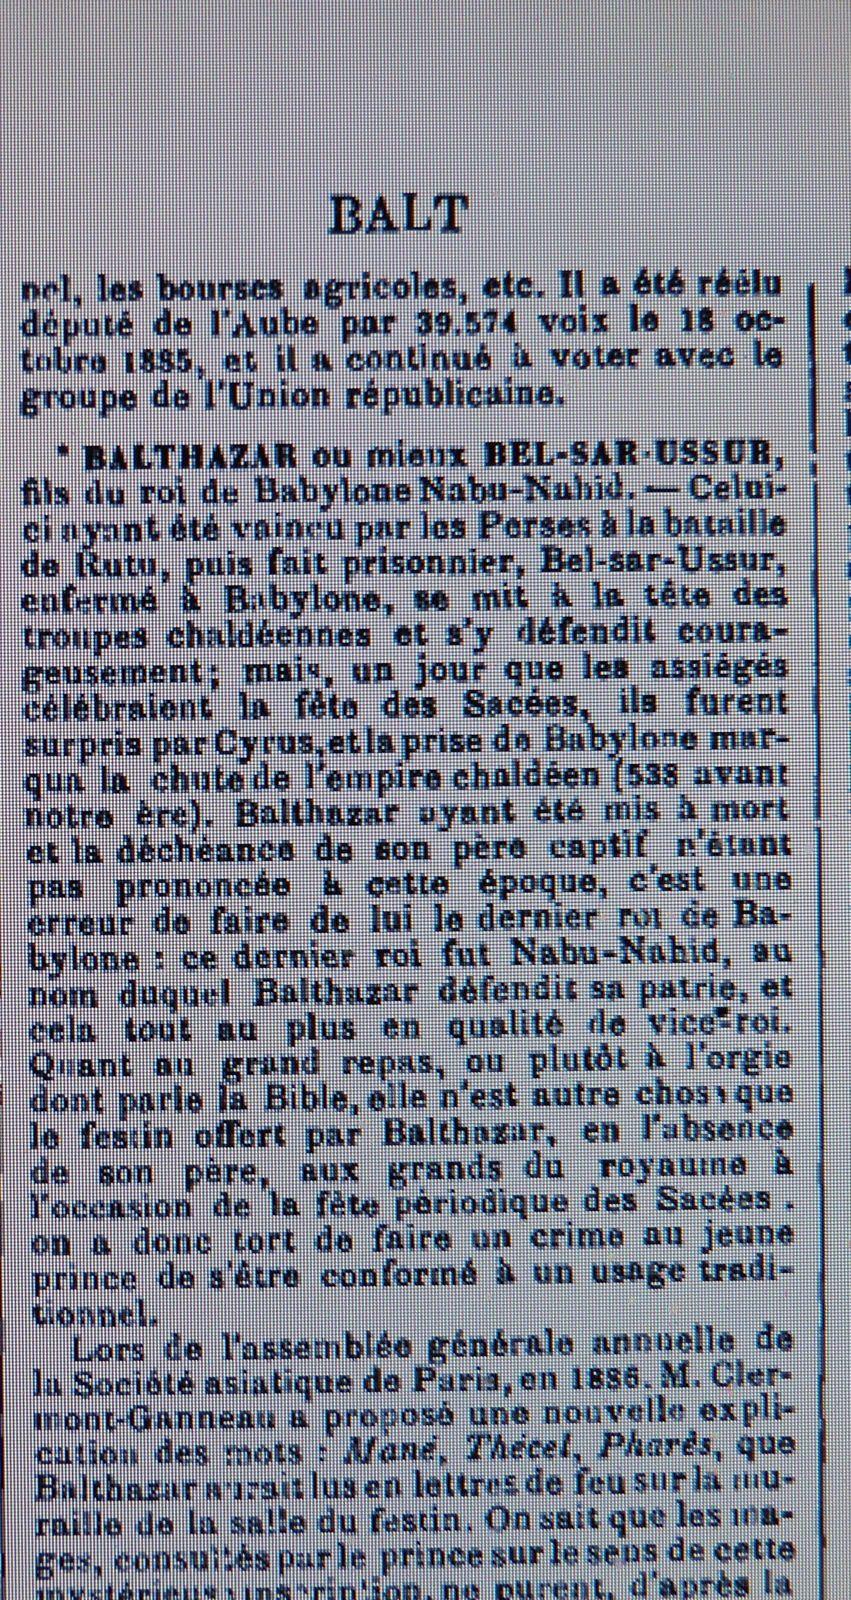 Stanislas BALTET, biographie par Pierre Larousse